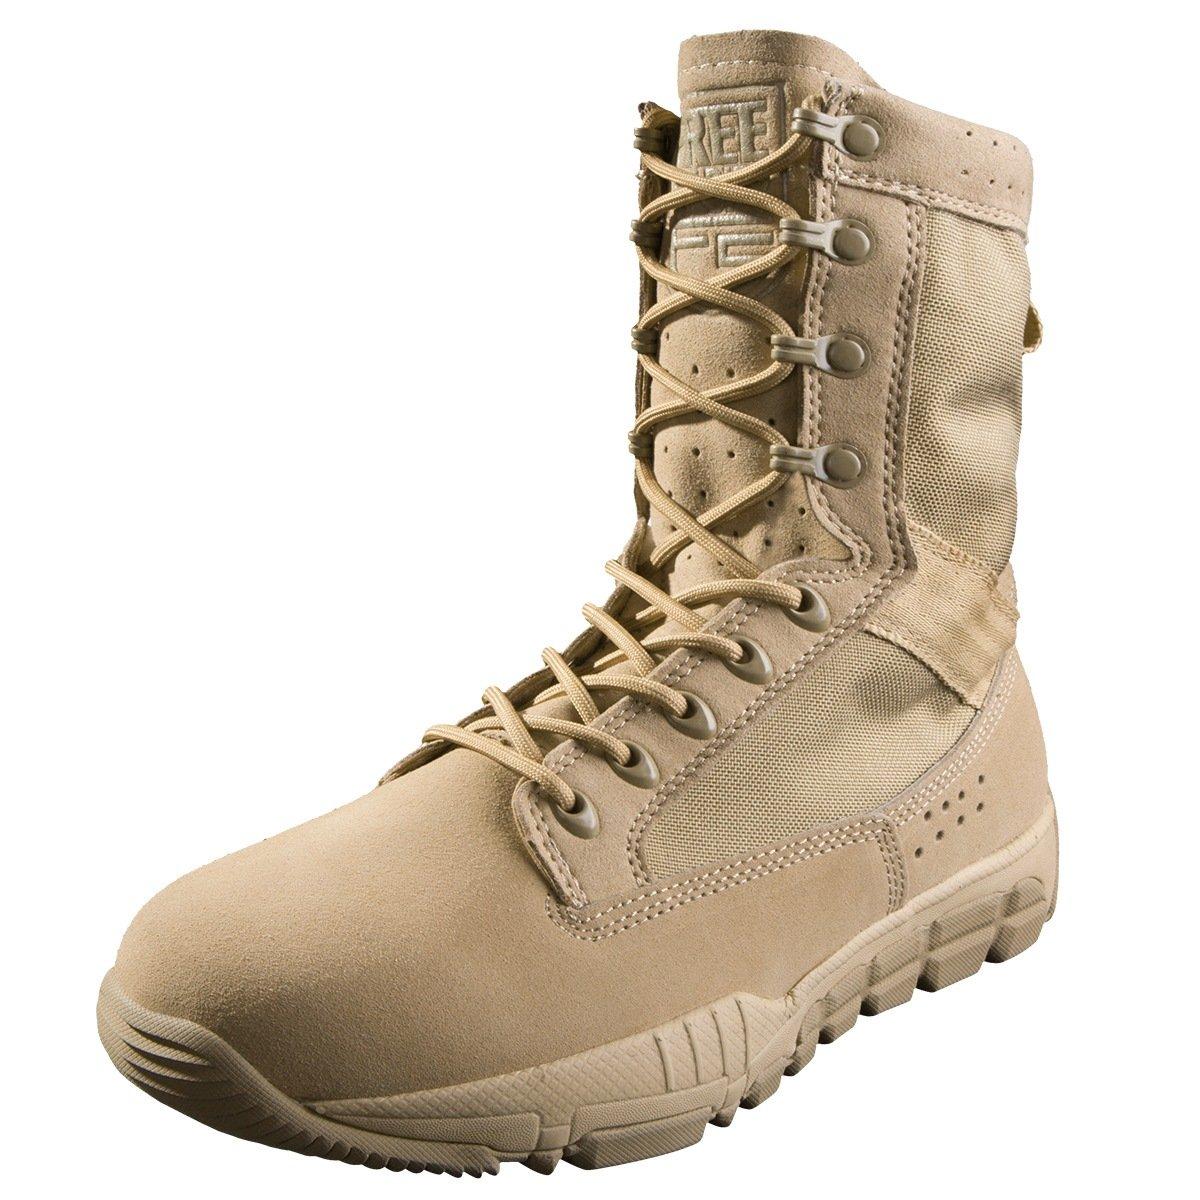 Free Soldier Mens Military Boots 8インチDeeply鋸歯状つま先とヒールバンパーデザートタンタクティカルブーツ B073CWF7GS 12 D(M) US|タン タン 12 D(M) US